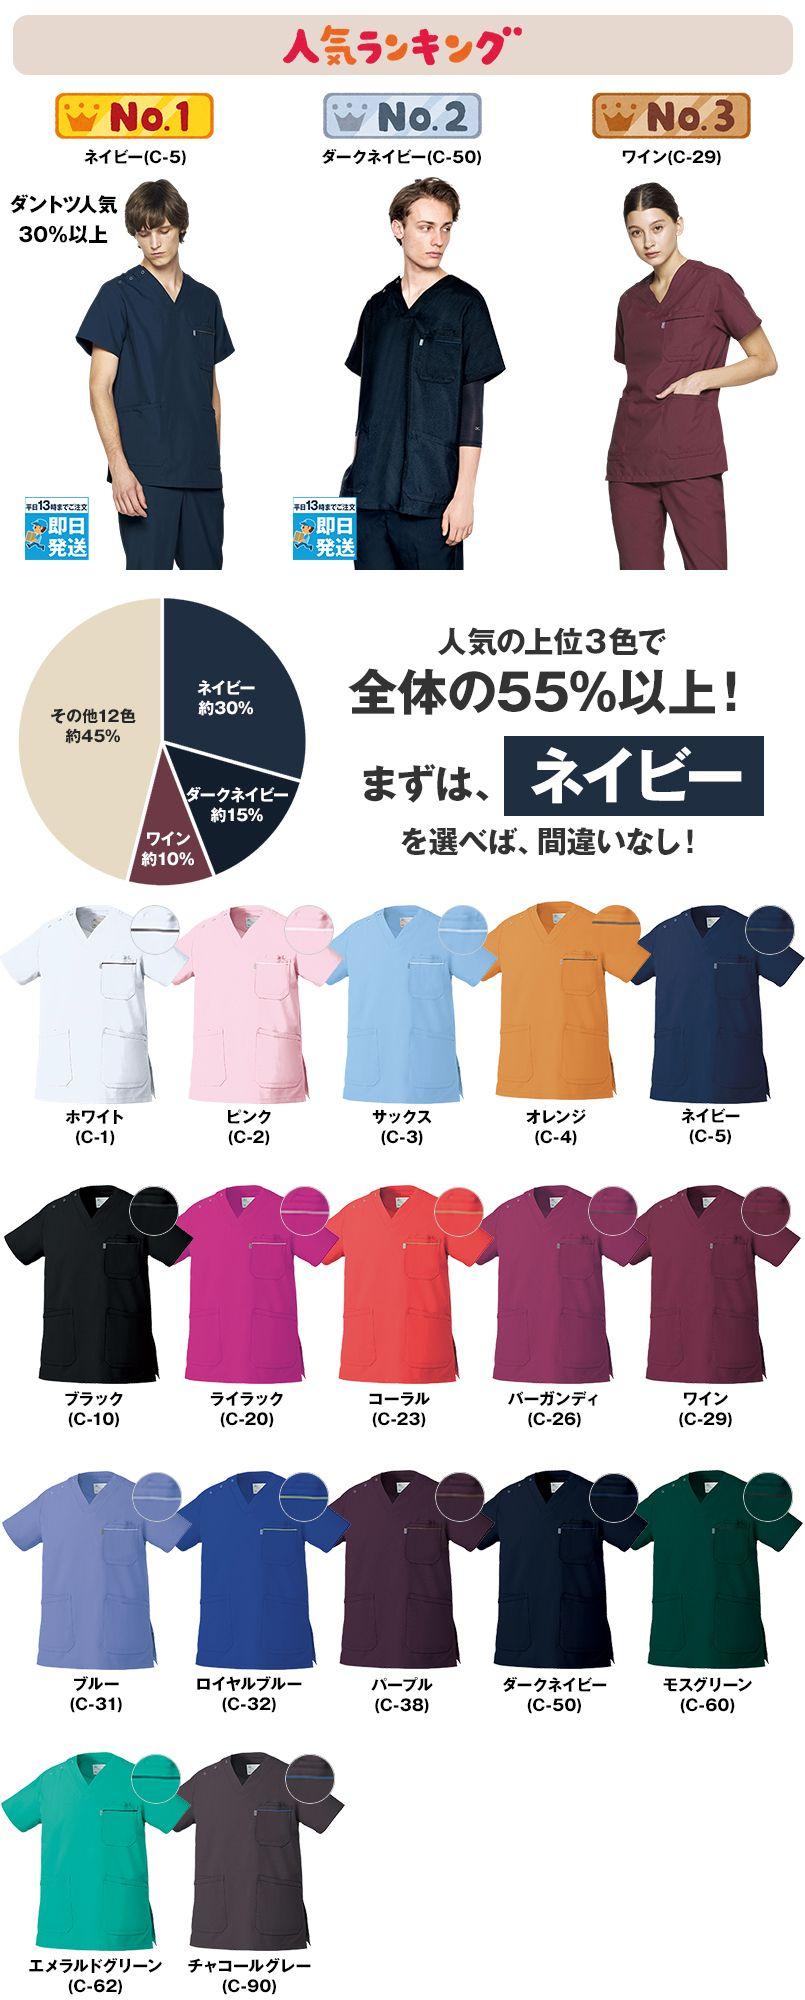 MZ-0018 ミズノ(mizuno) 人気No1スクラブ (男女兼用) 色展開